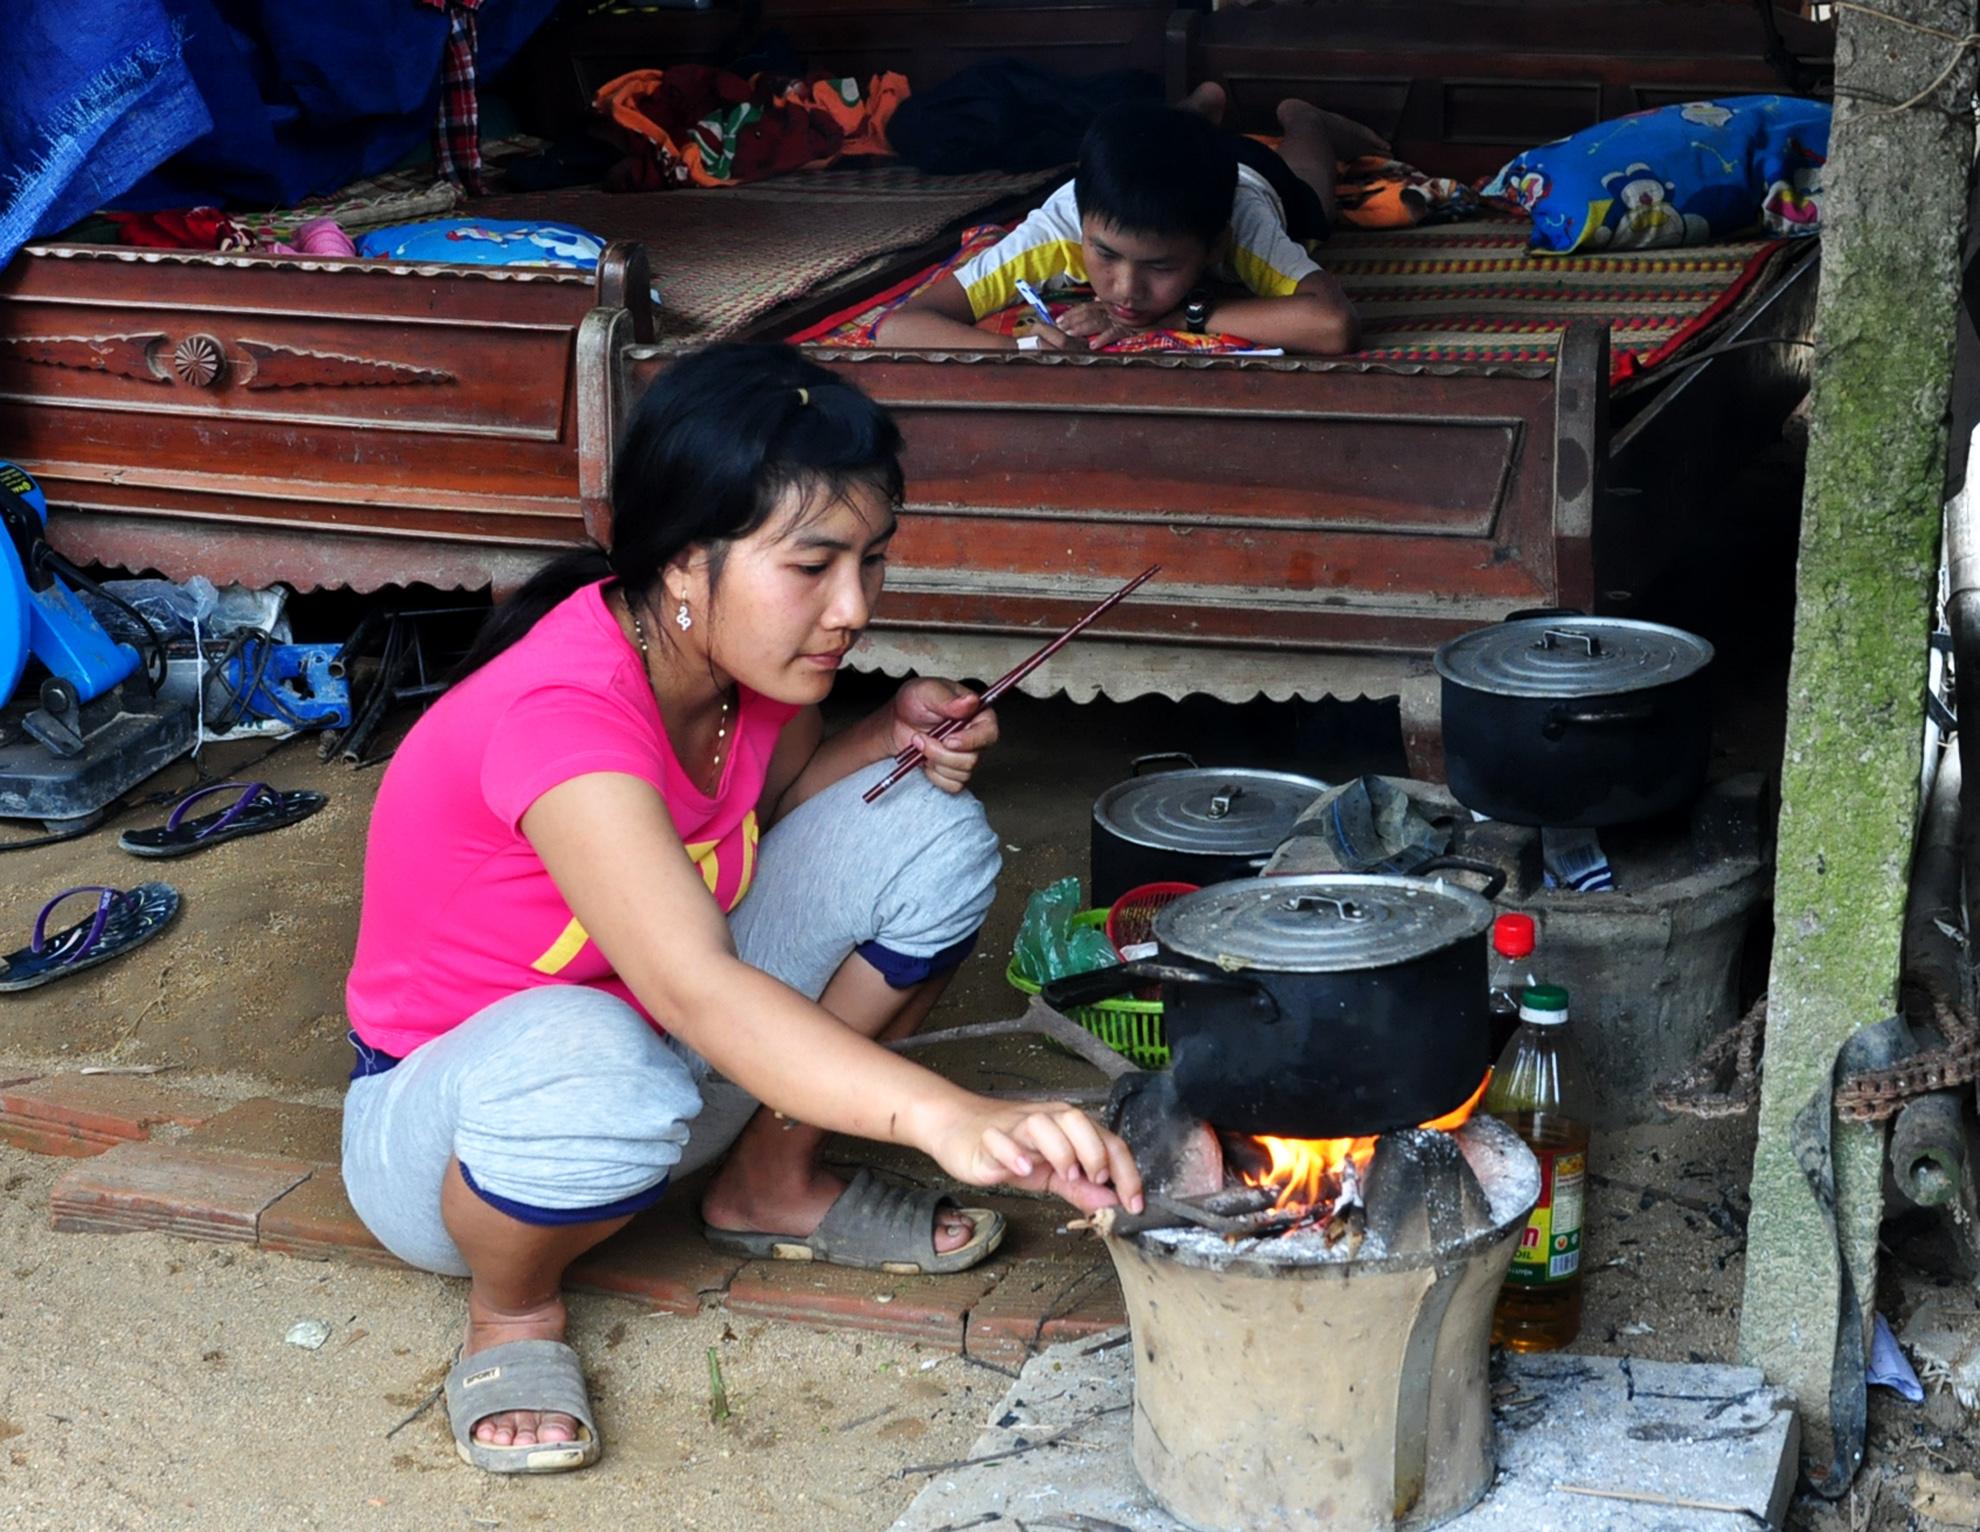 Nhà sập do lũ, dân Bình Định sống tạm bợ trong lều chờ Tết